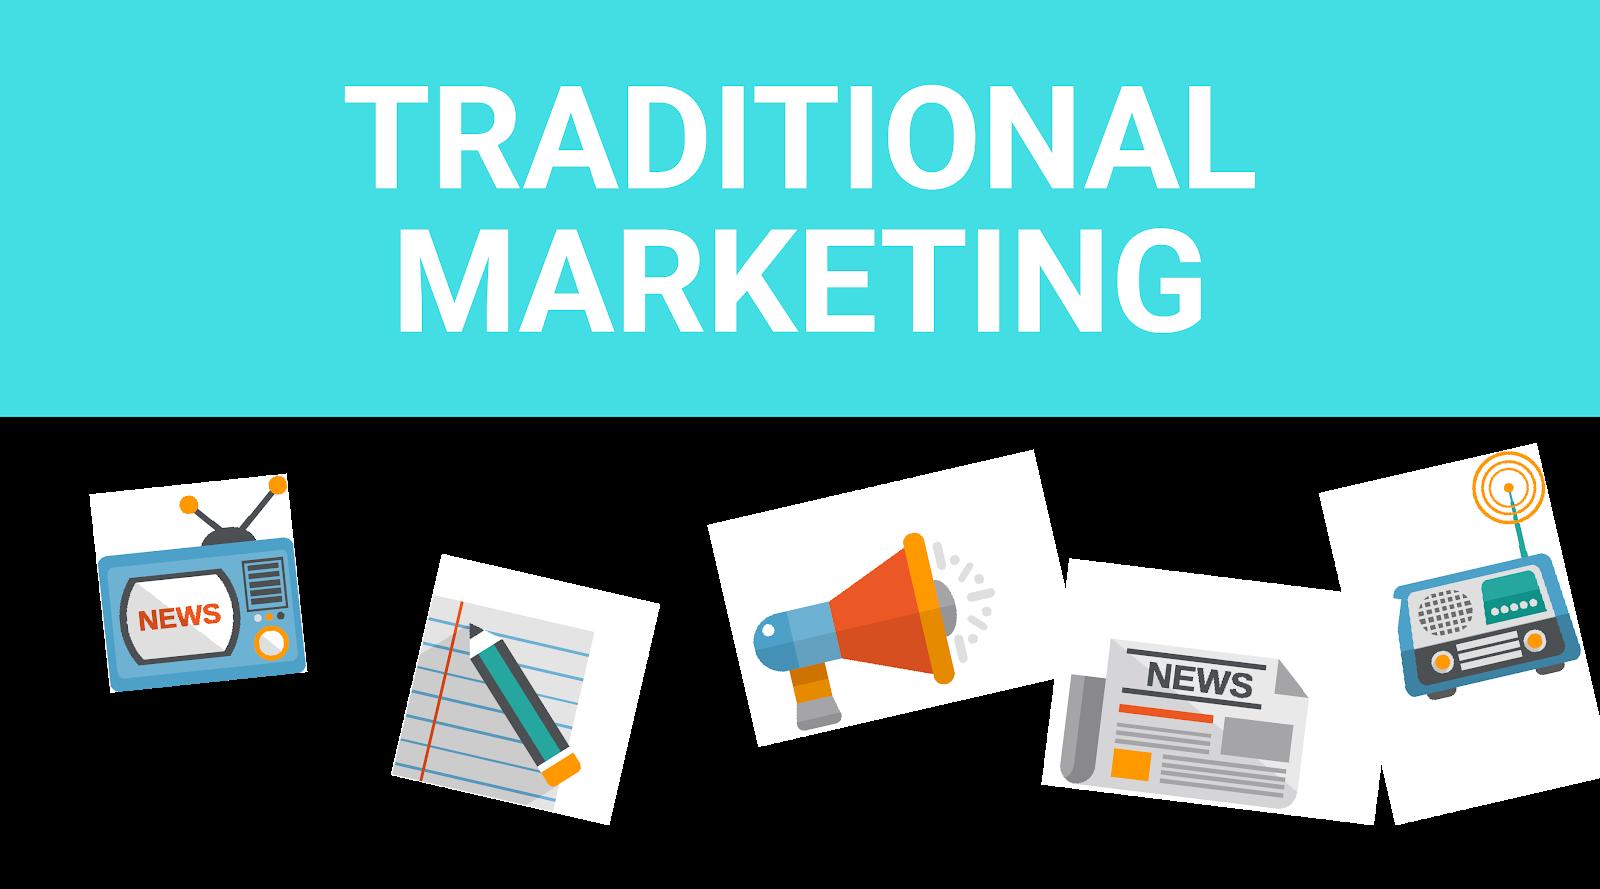 Digital marketing vs traditinal marketing - Image 1.png